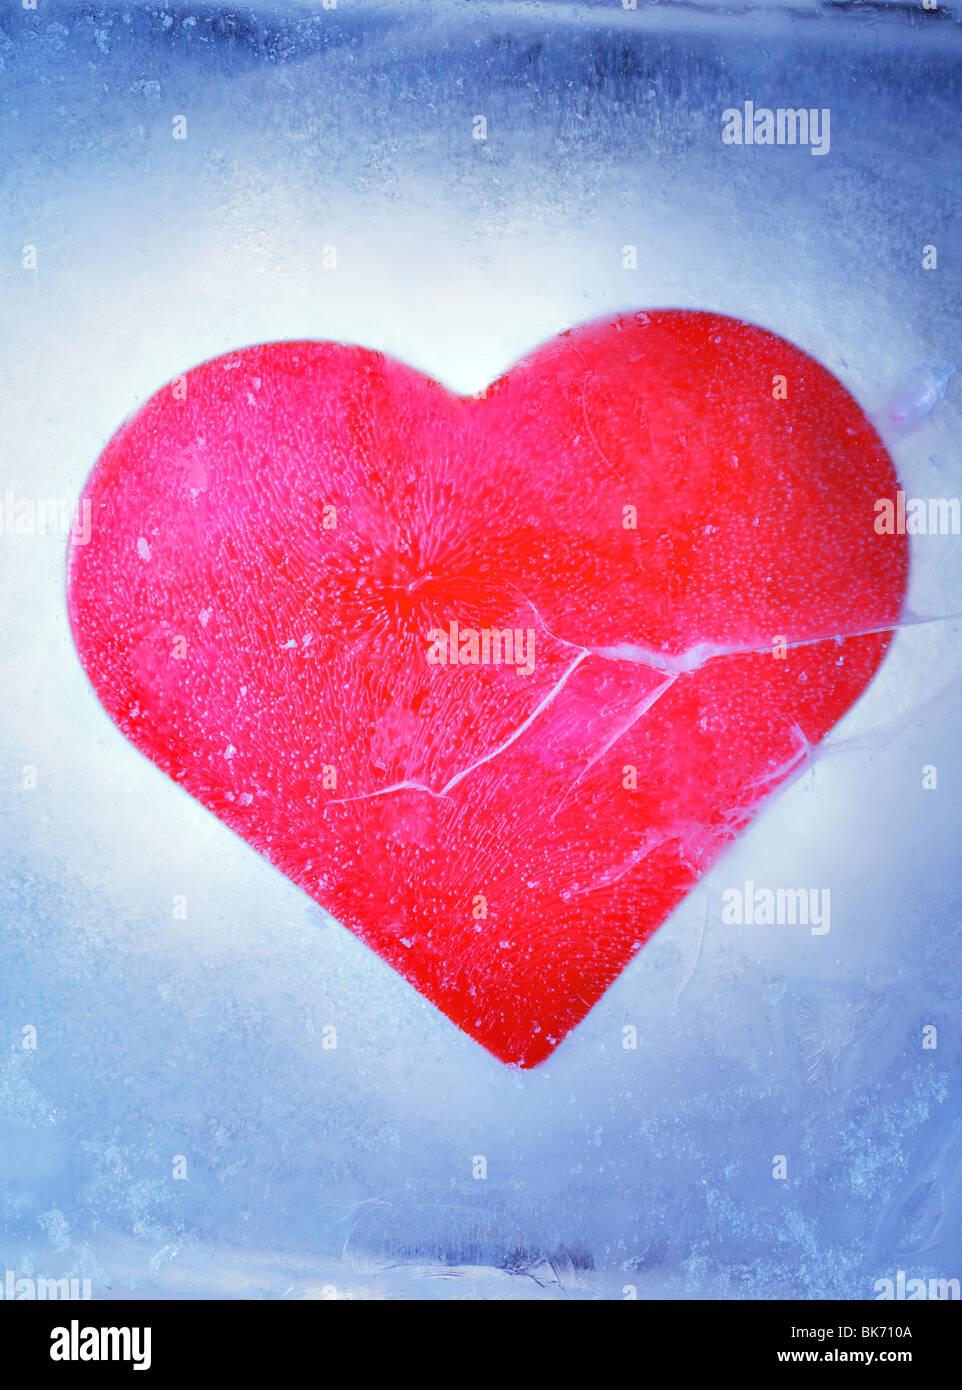 Un cuore rosso congelato in un blocco di ghiaccio Immagini Stock